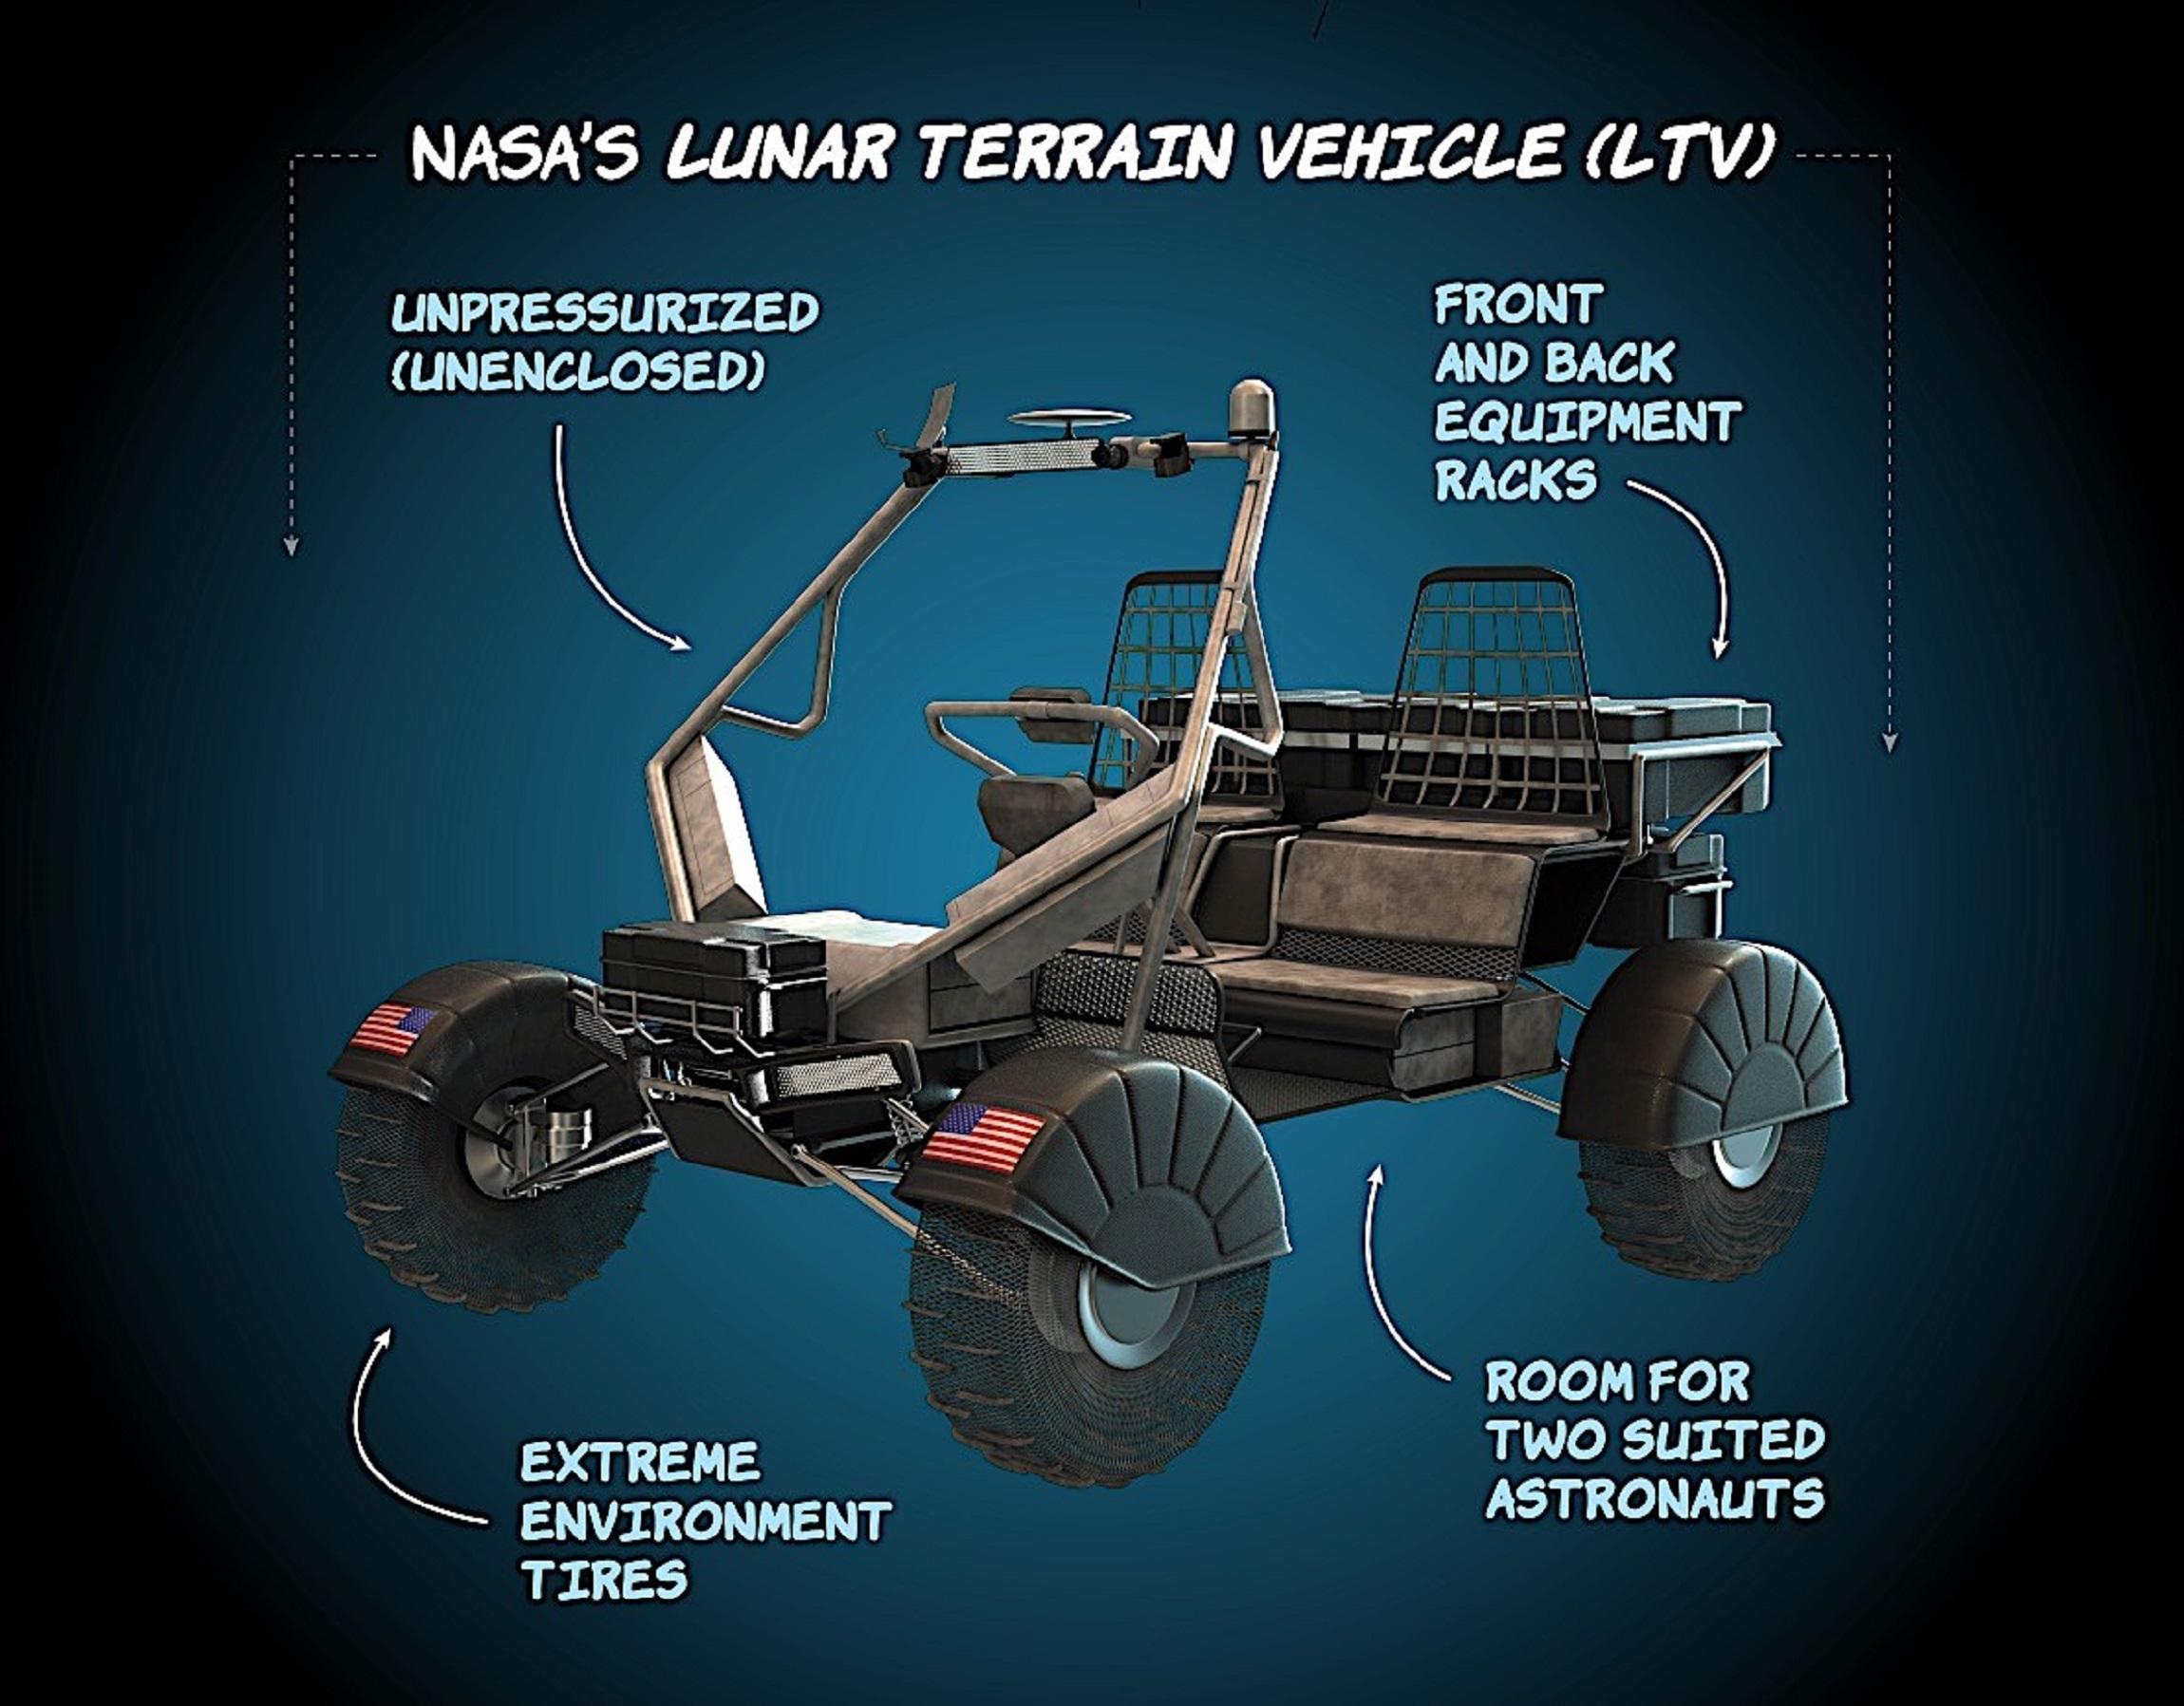 Perkenalkan Kendaraan Untuk Menjelajahi Daratan Bulan di Masa Depan